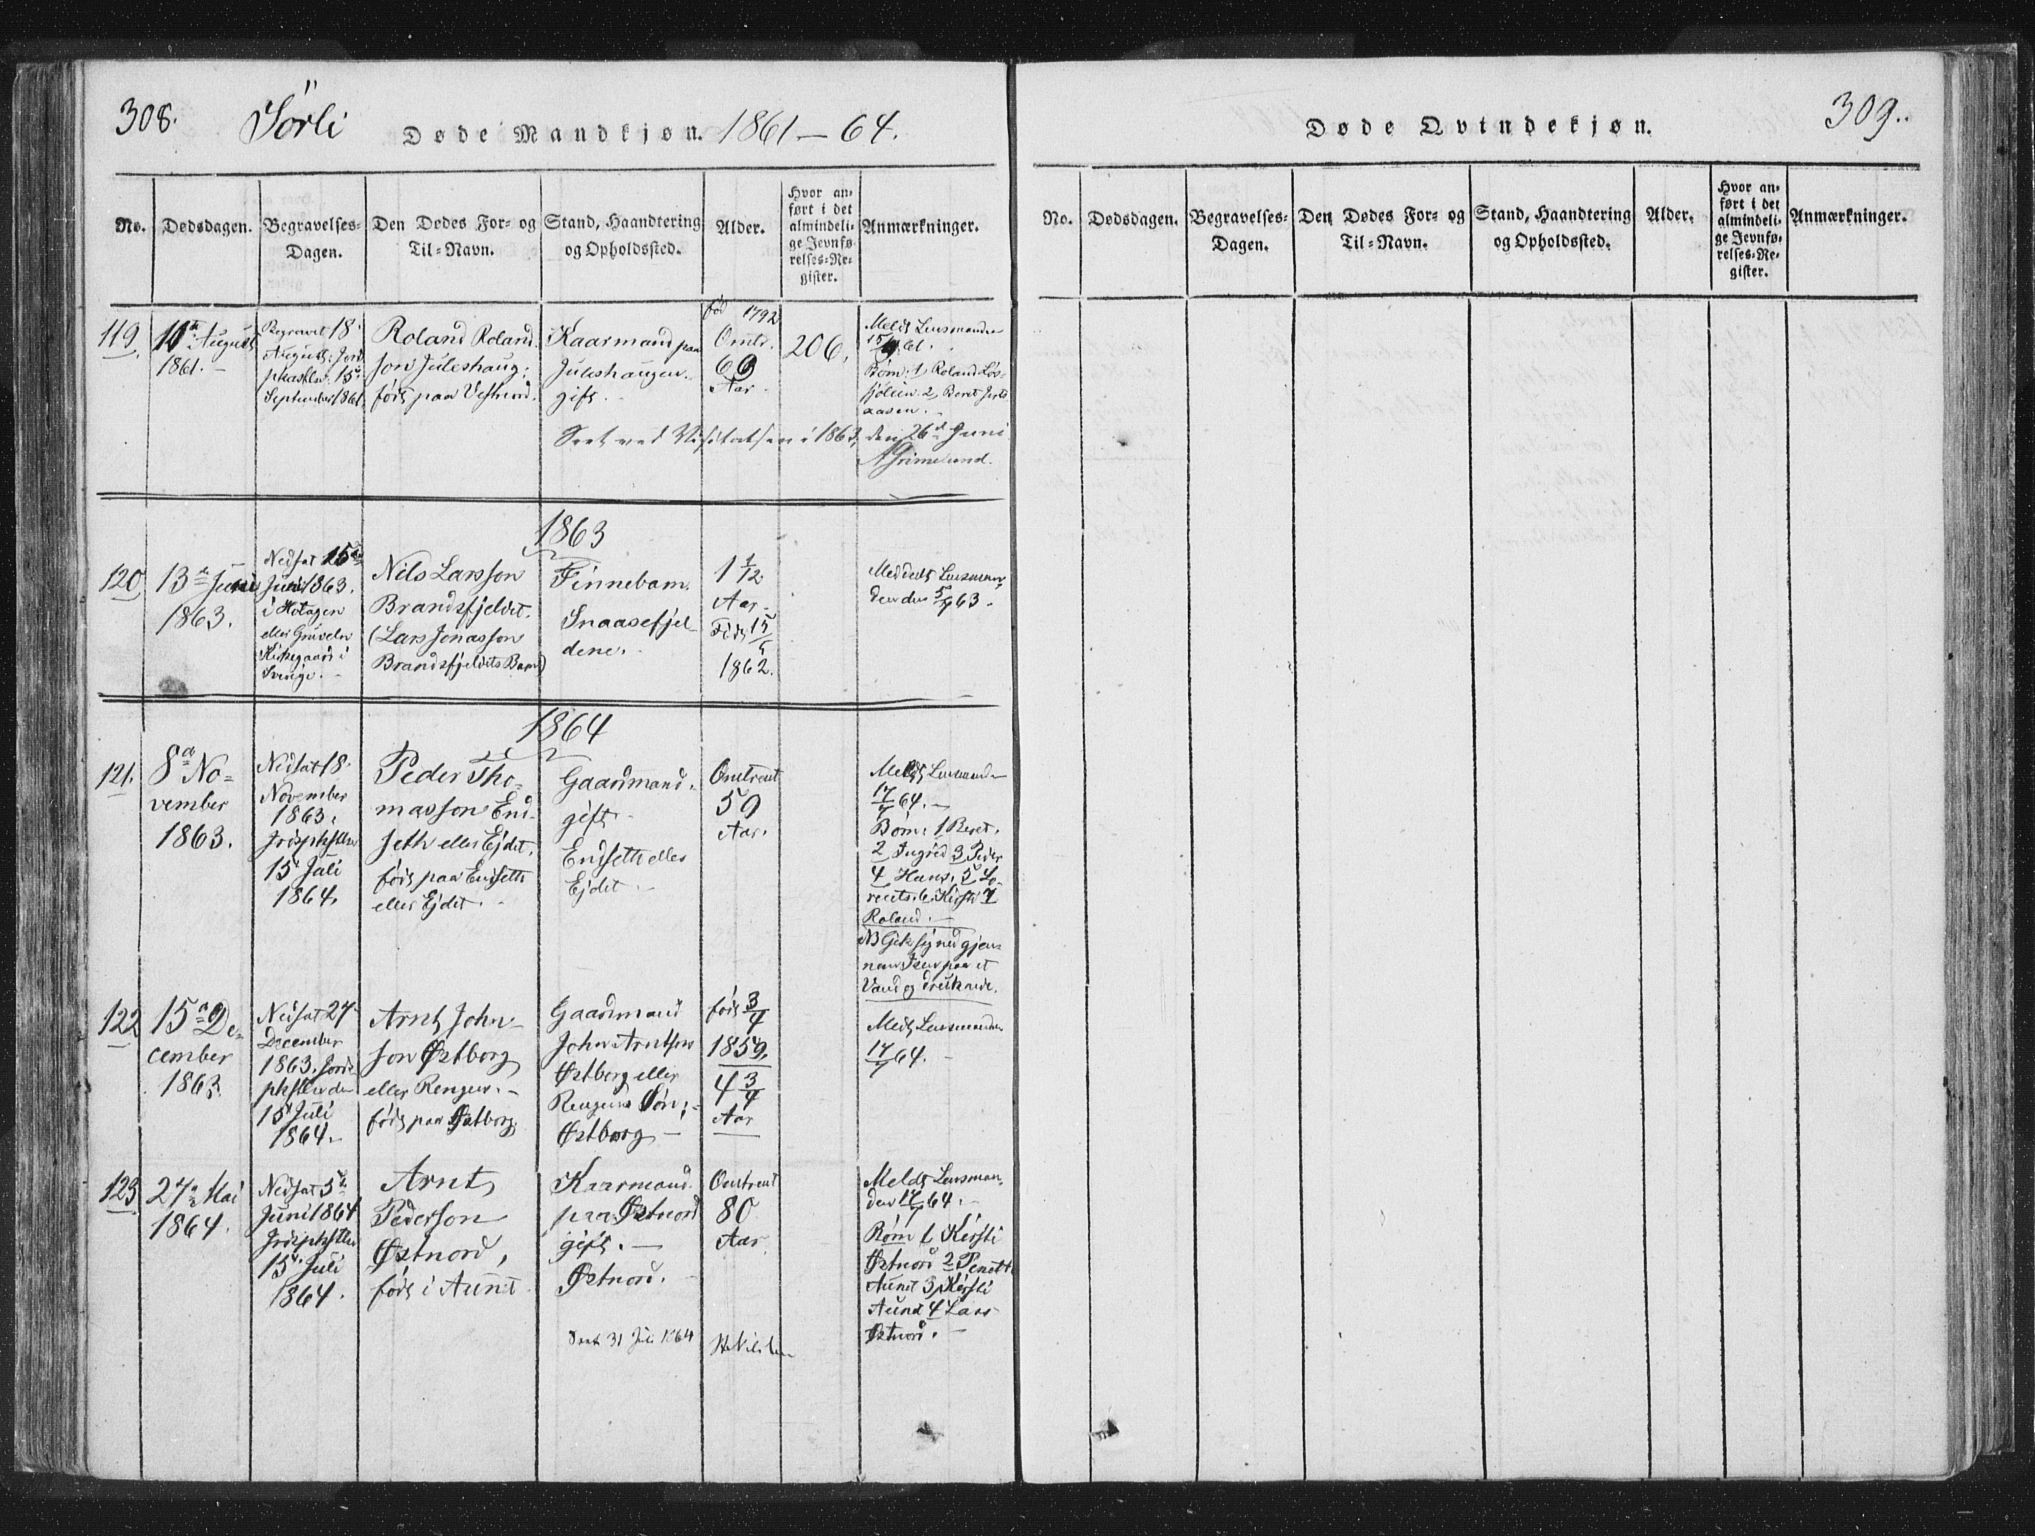 SAT, Ministerialprotokoller, klokkerbøker og fødselsregistre - Nord-Trøndelag, 755/L0491: Ministerialbok nr. 755A01 /2, 1817-1864, s. 308-309